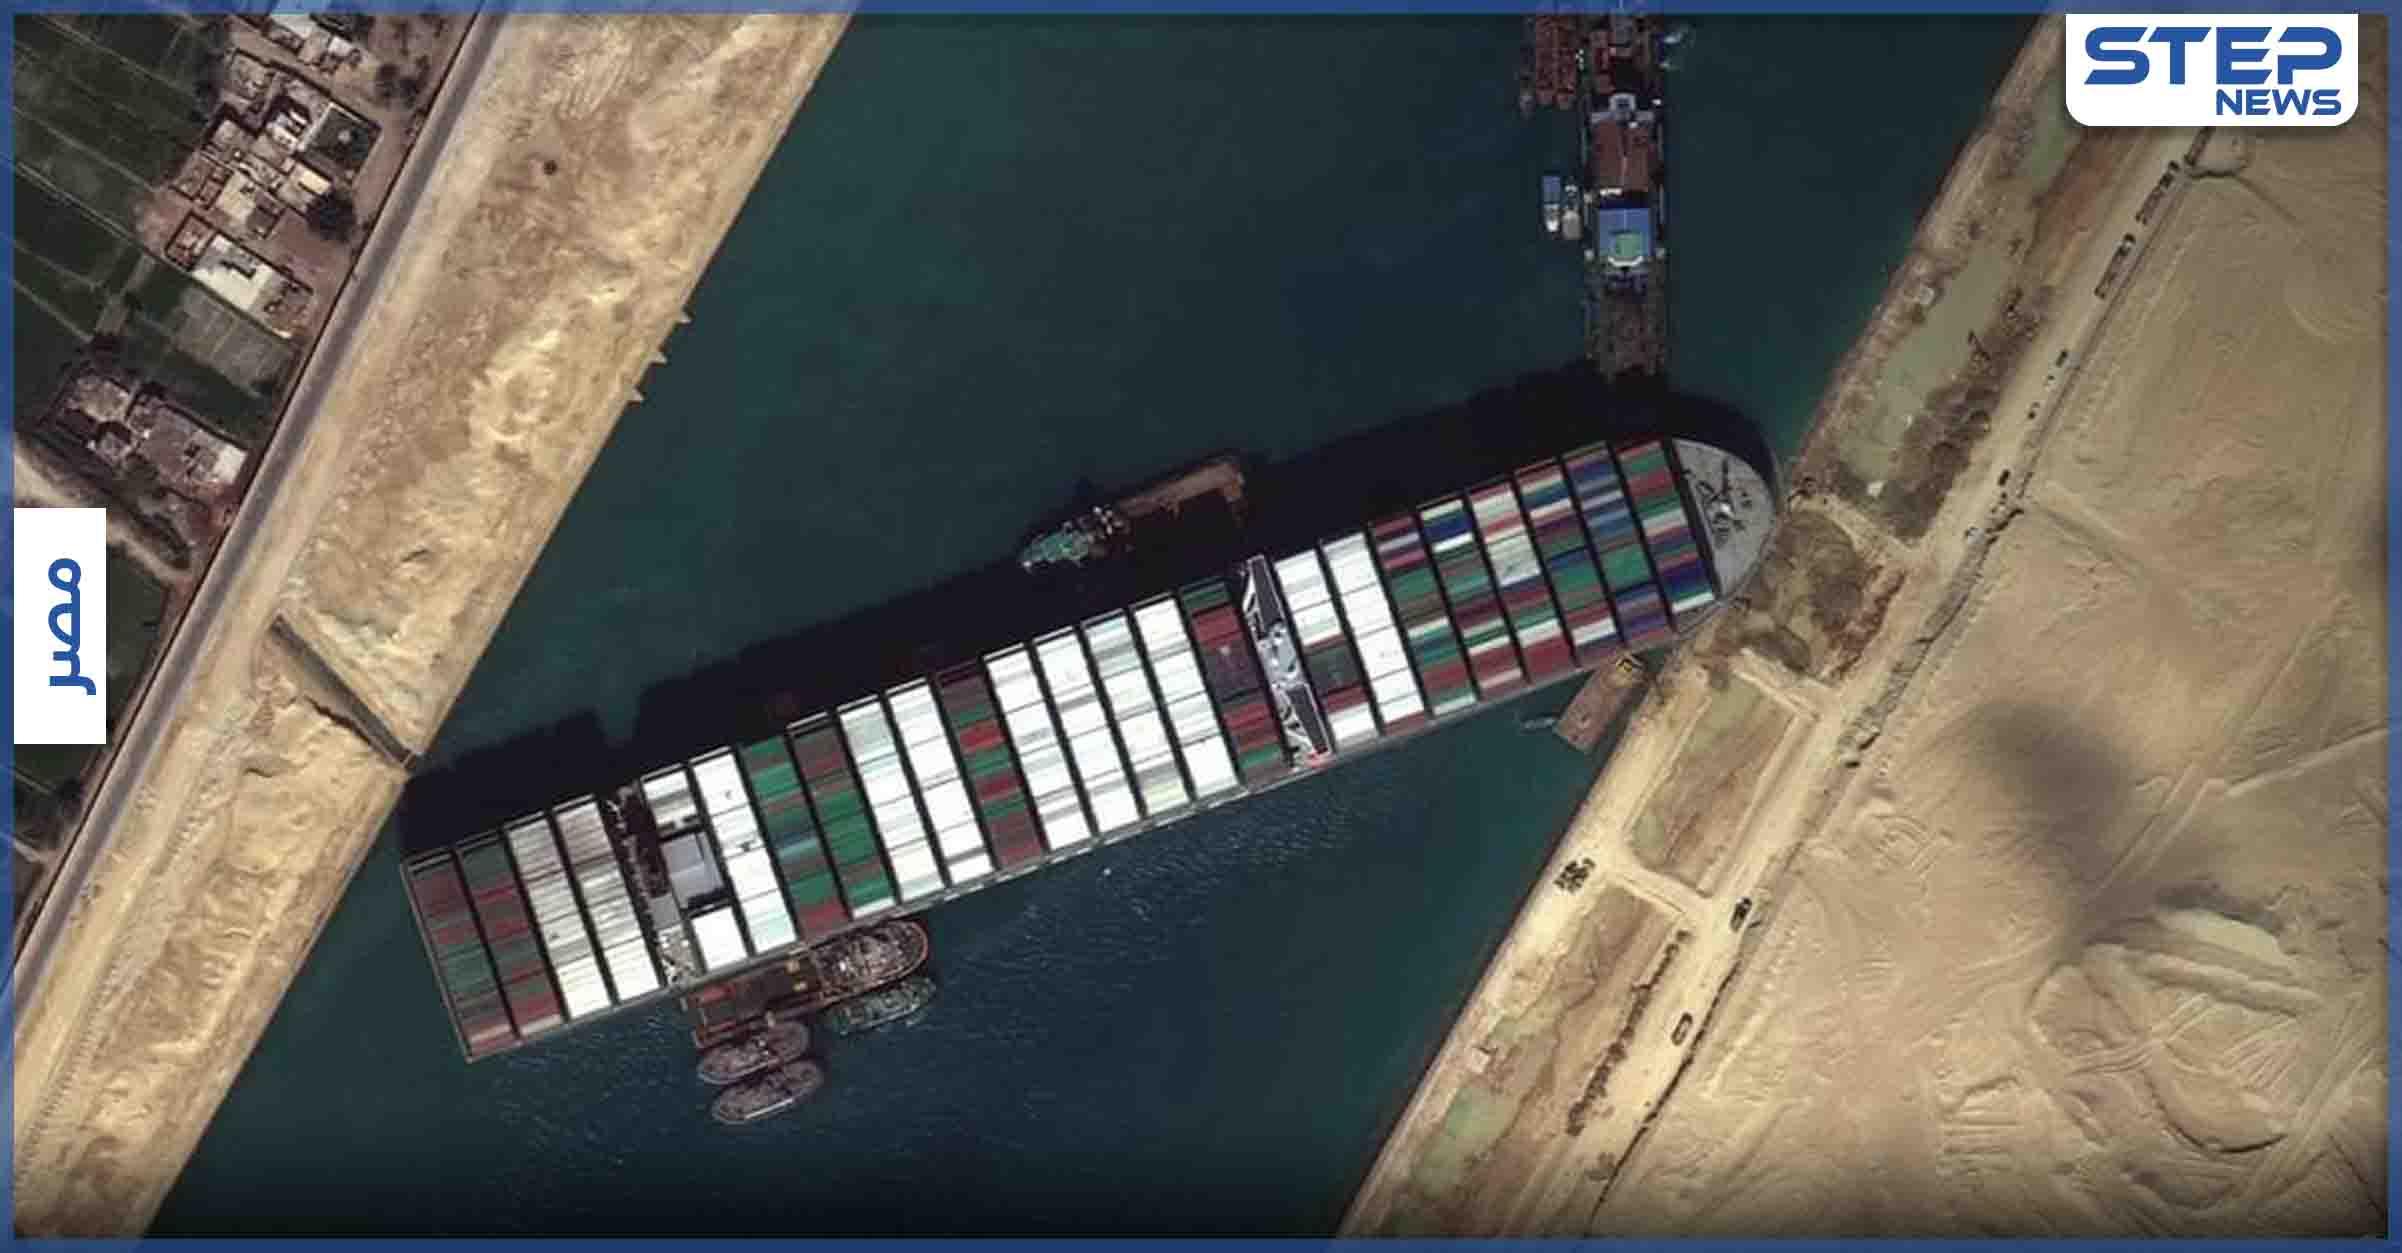 بالفيديو    تفاعل جزئي للسفينة الجانحة في قناة السويس والسفن المحيطة تُطلق أبواقها احتفالًا